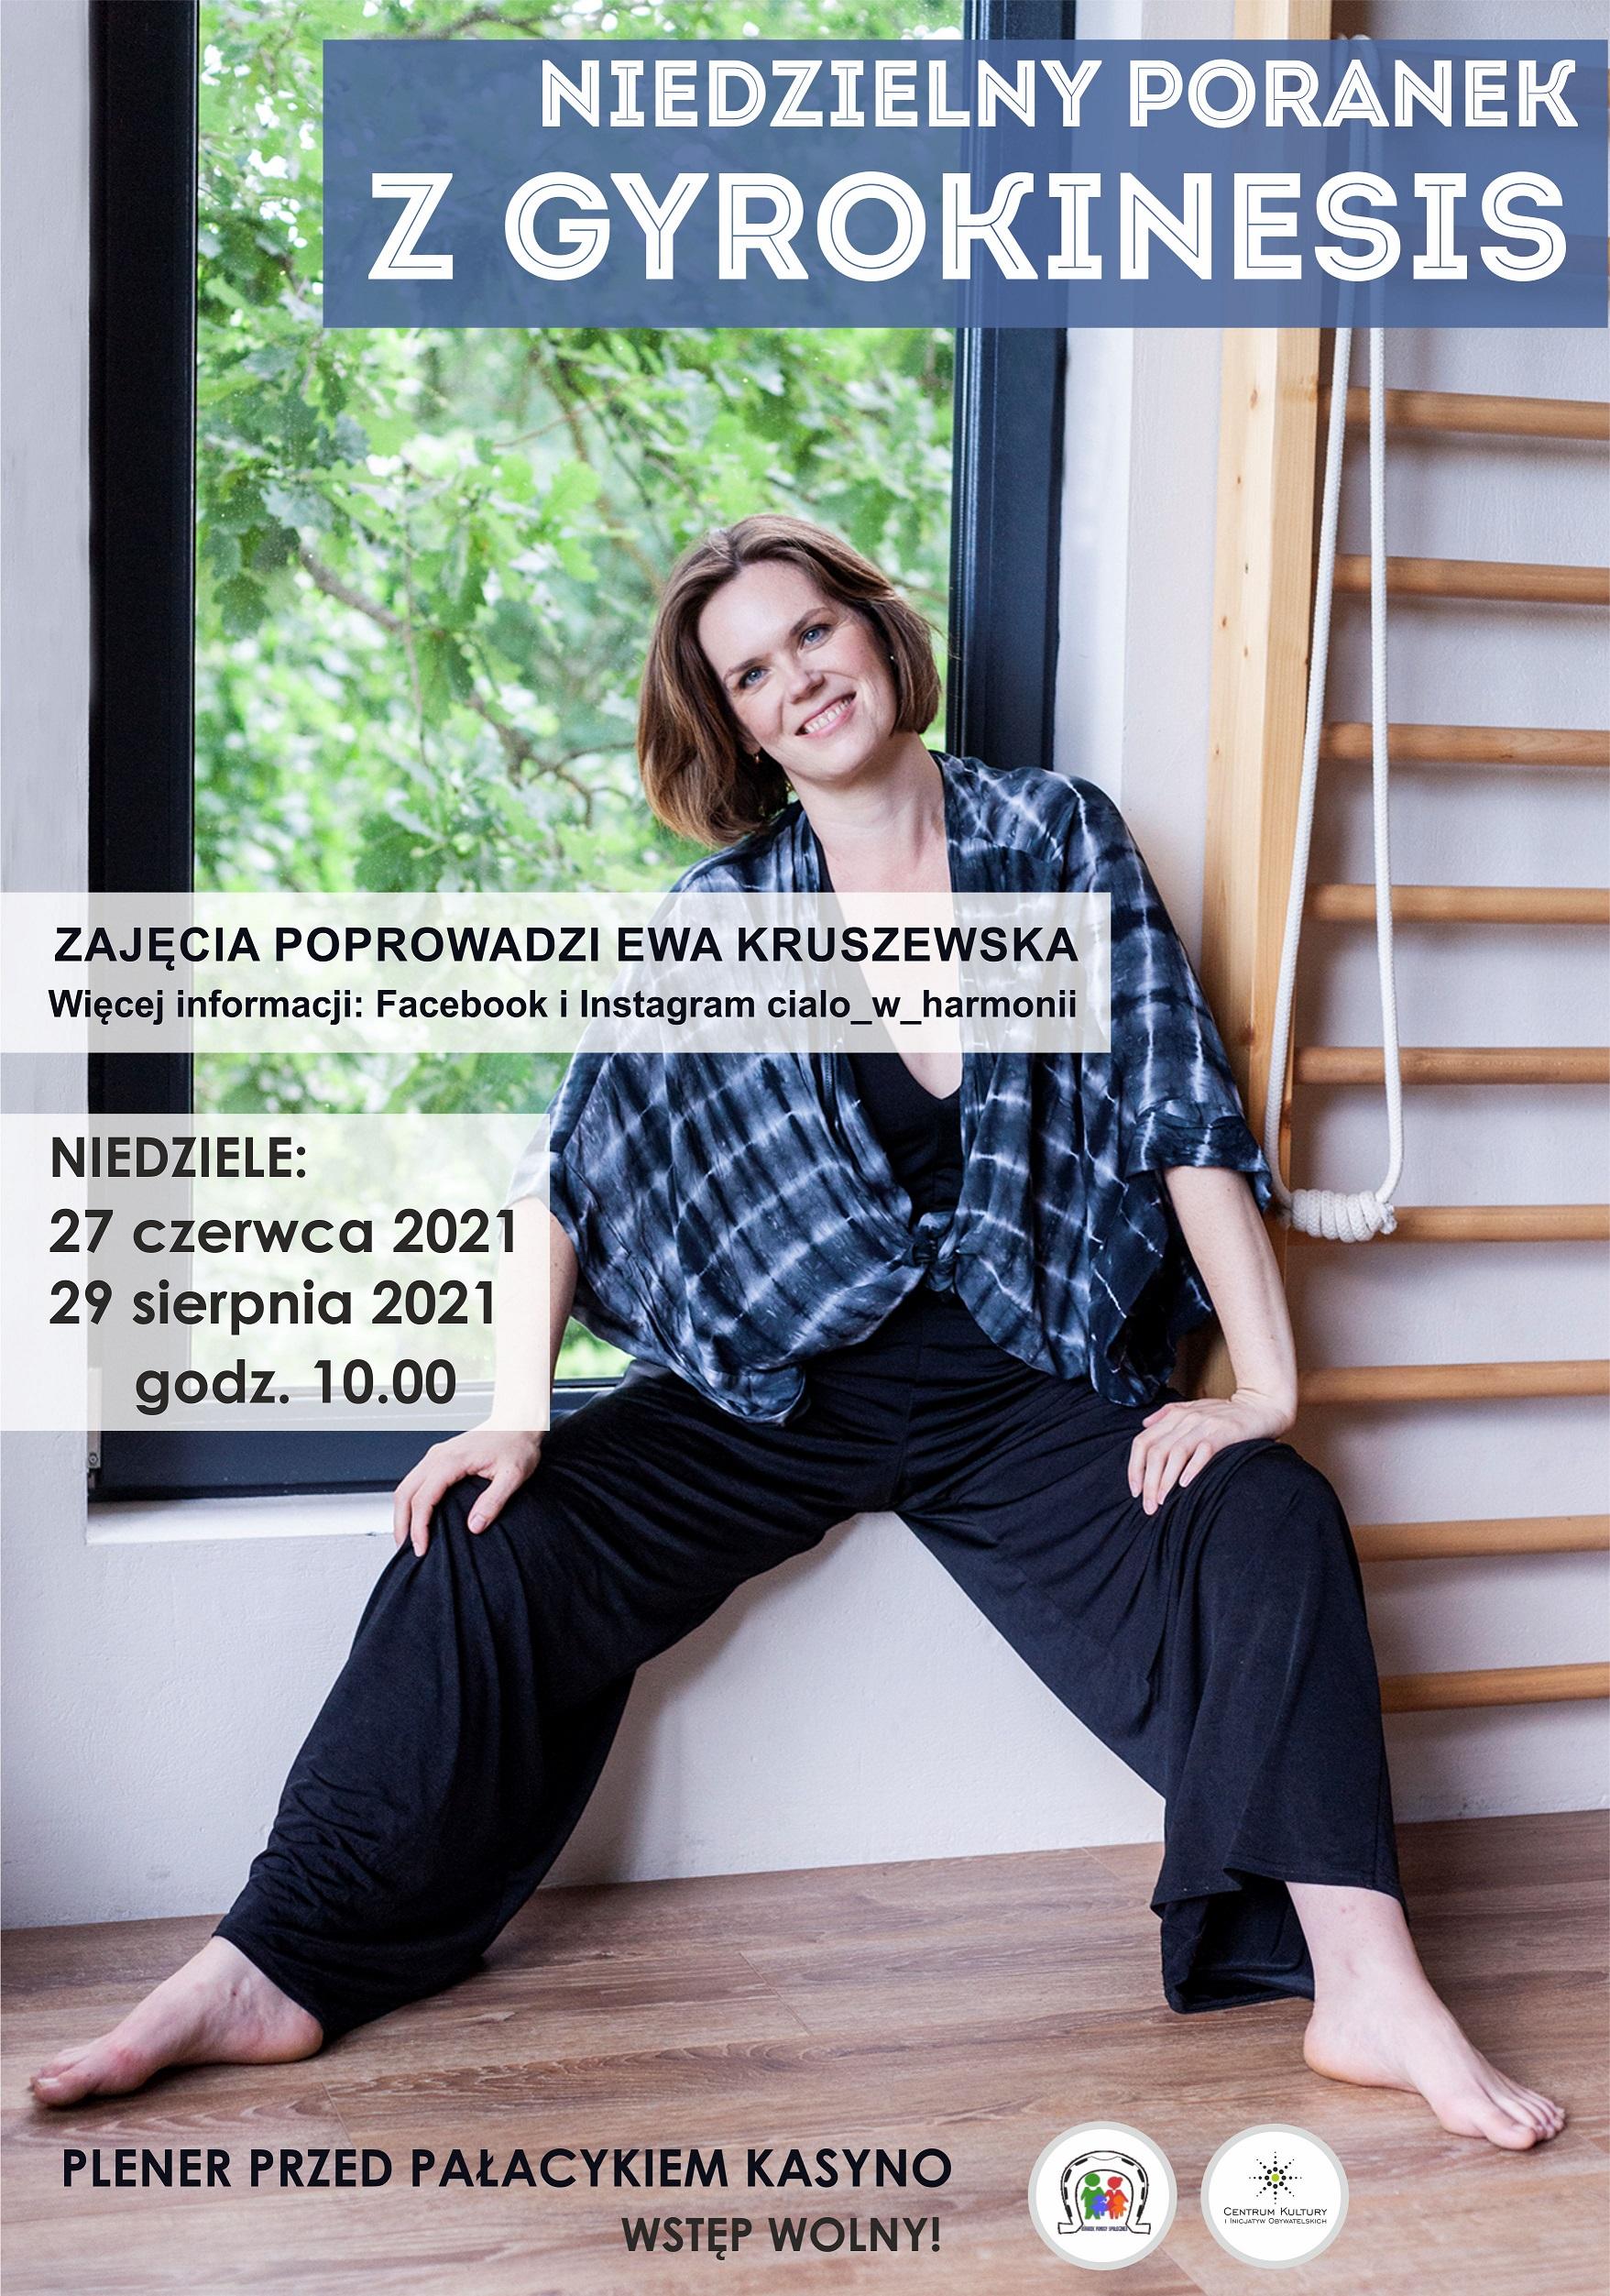 You are currently viewing Niedzielny poranek z gyrokinesis